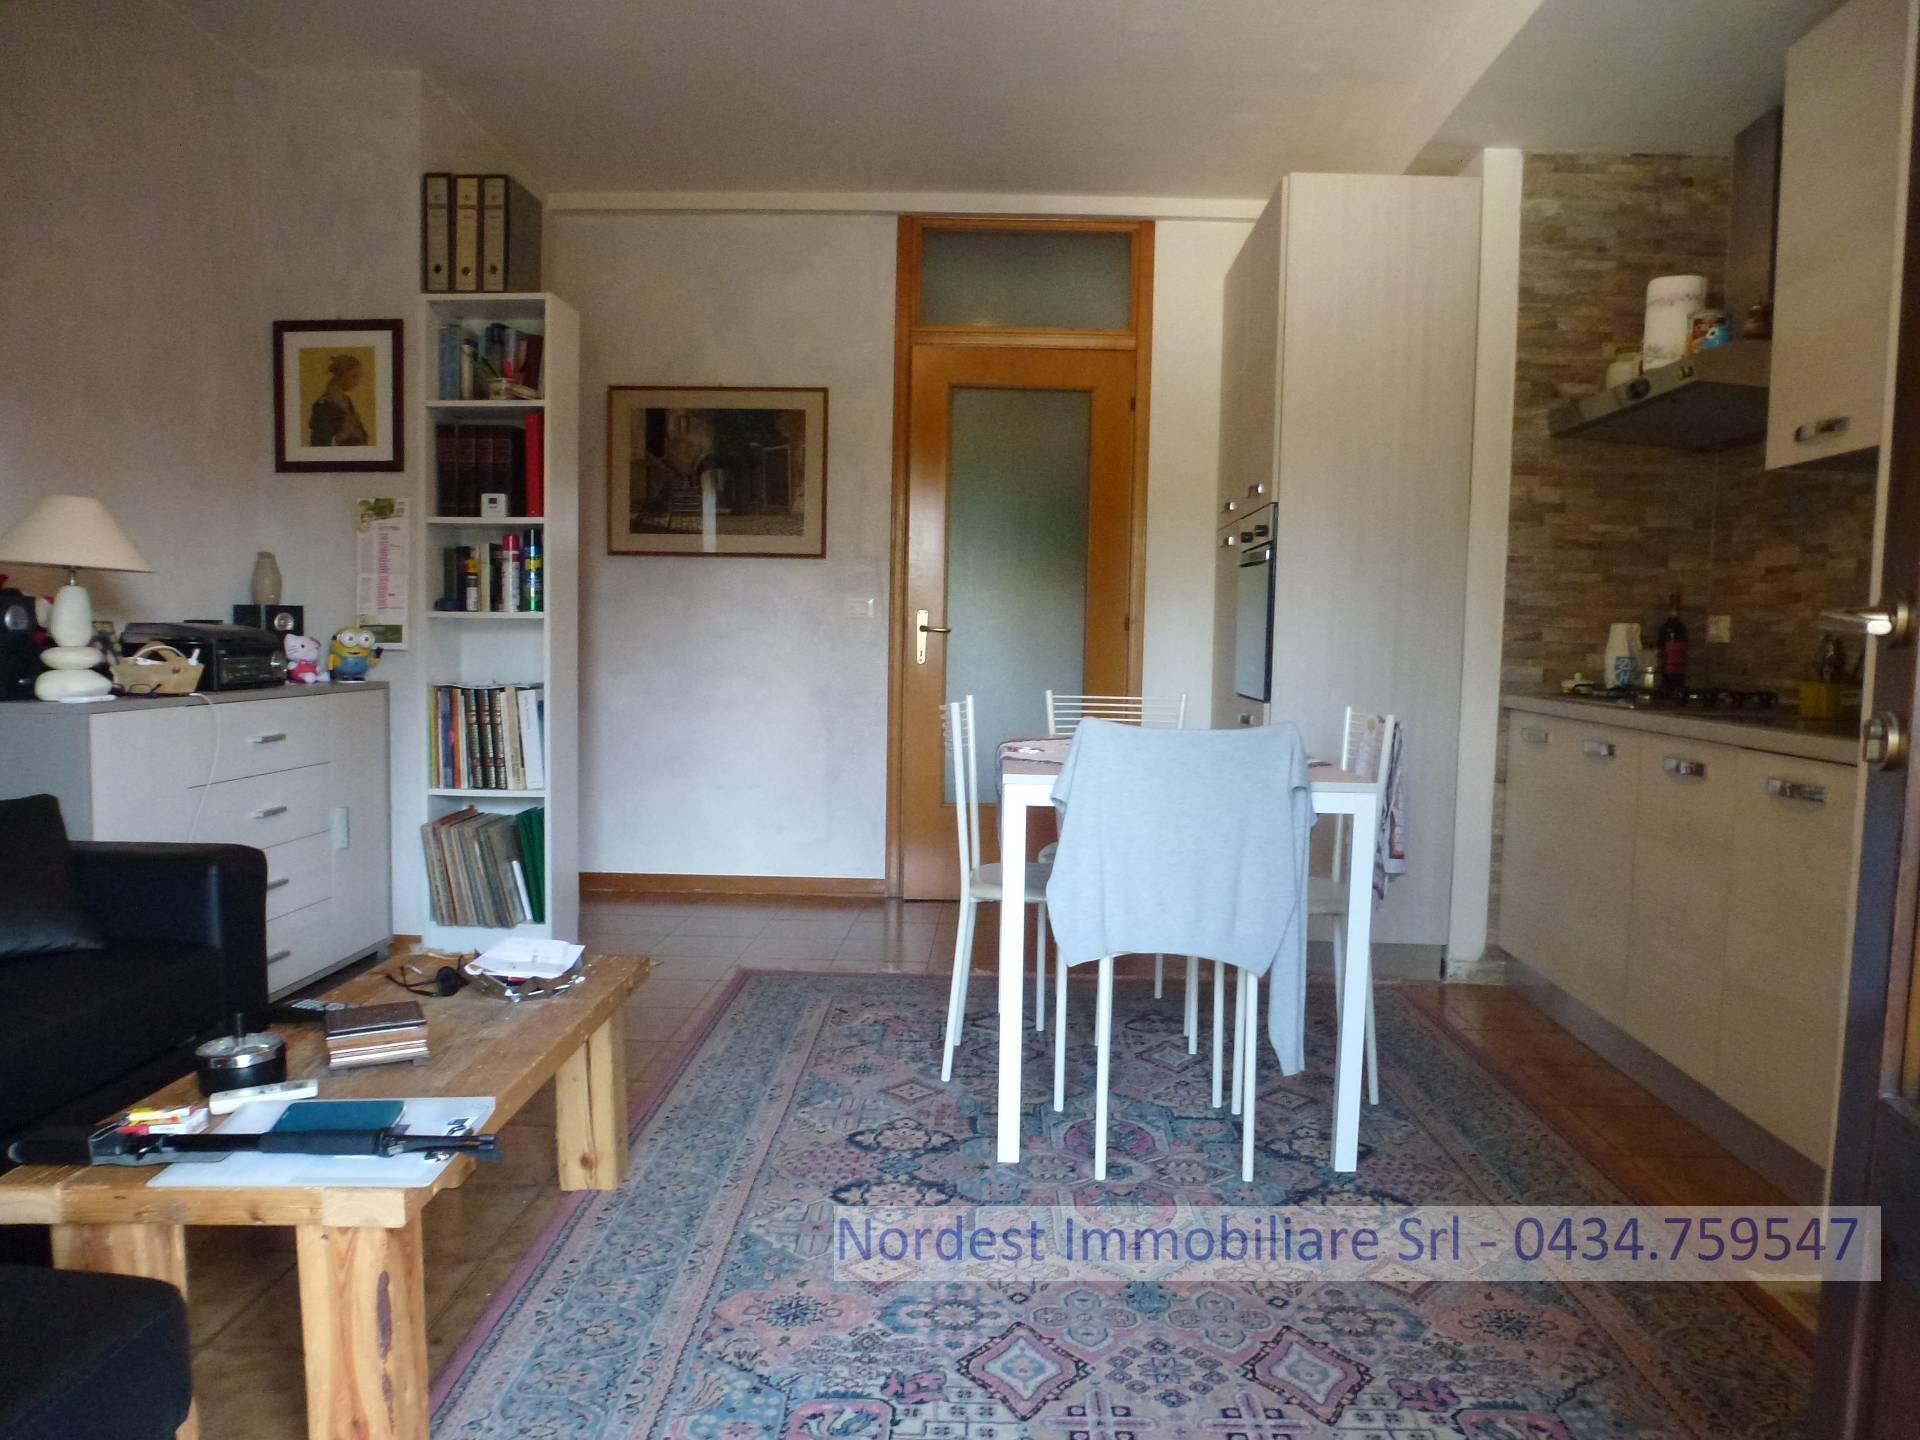 Appartamento in vendita a Gaiarine, 2 locali, prezzo € 58.000 | CambioCasa.it